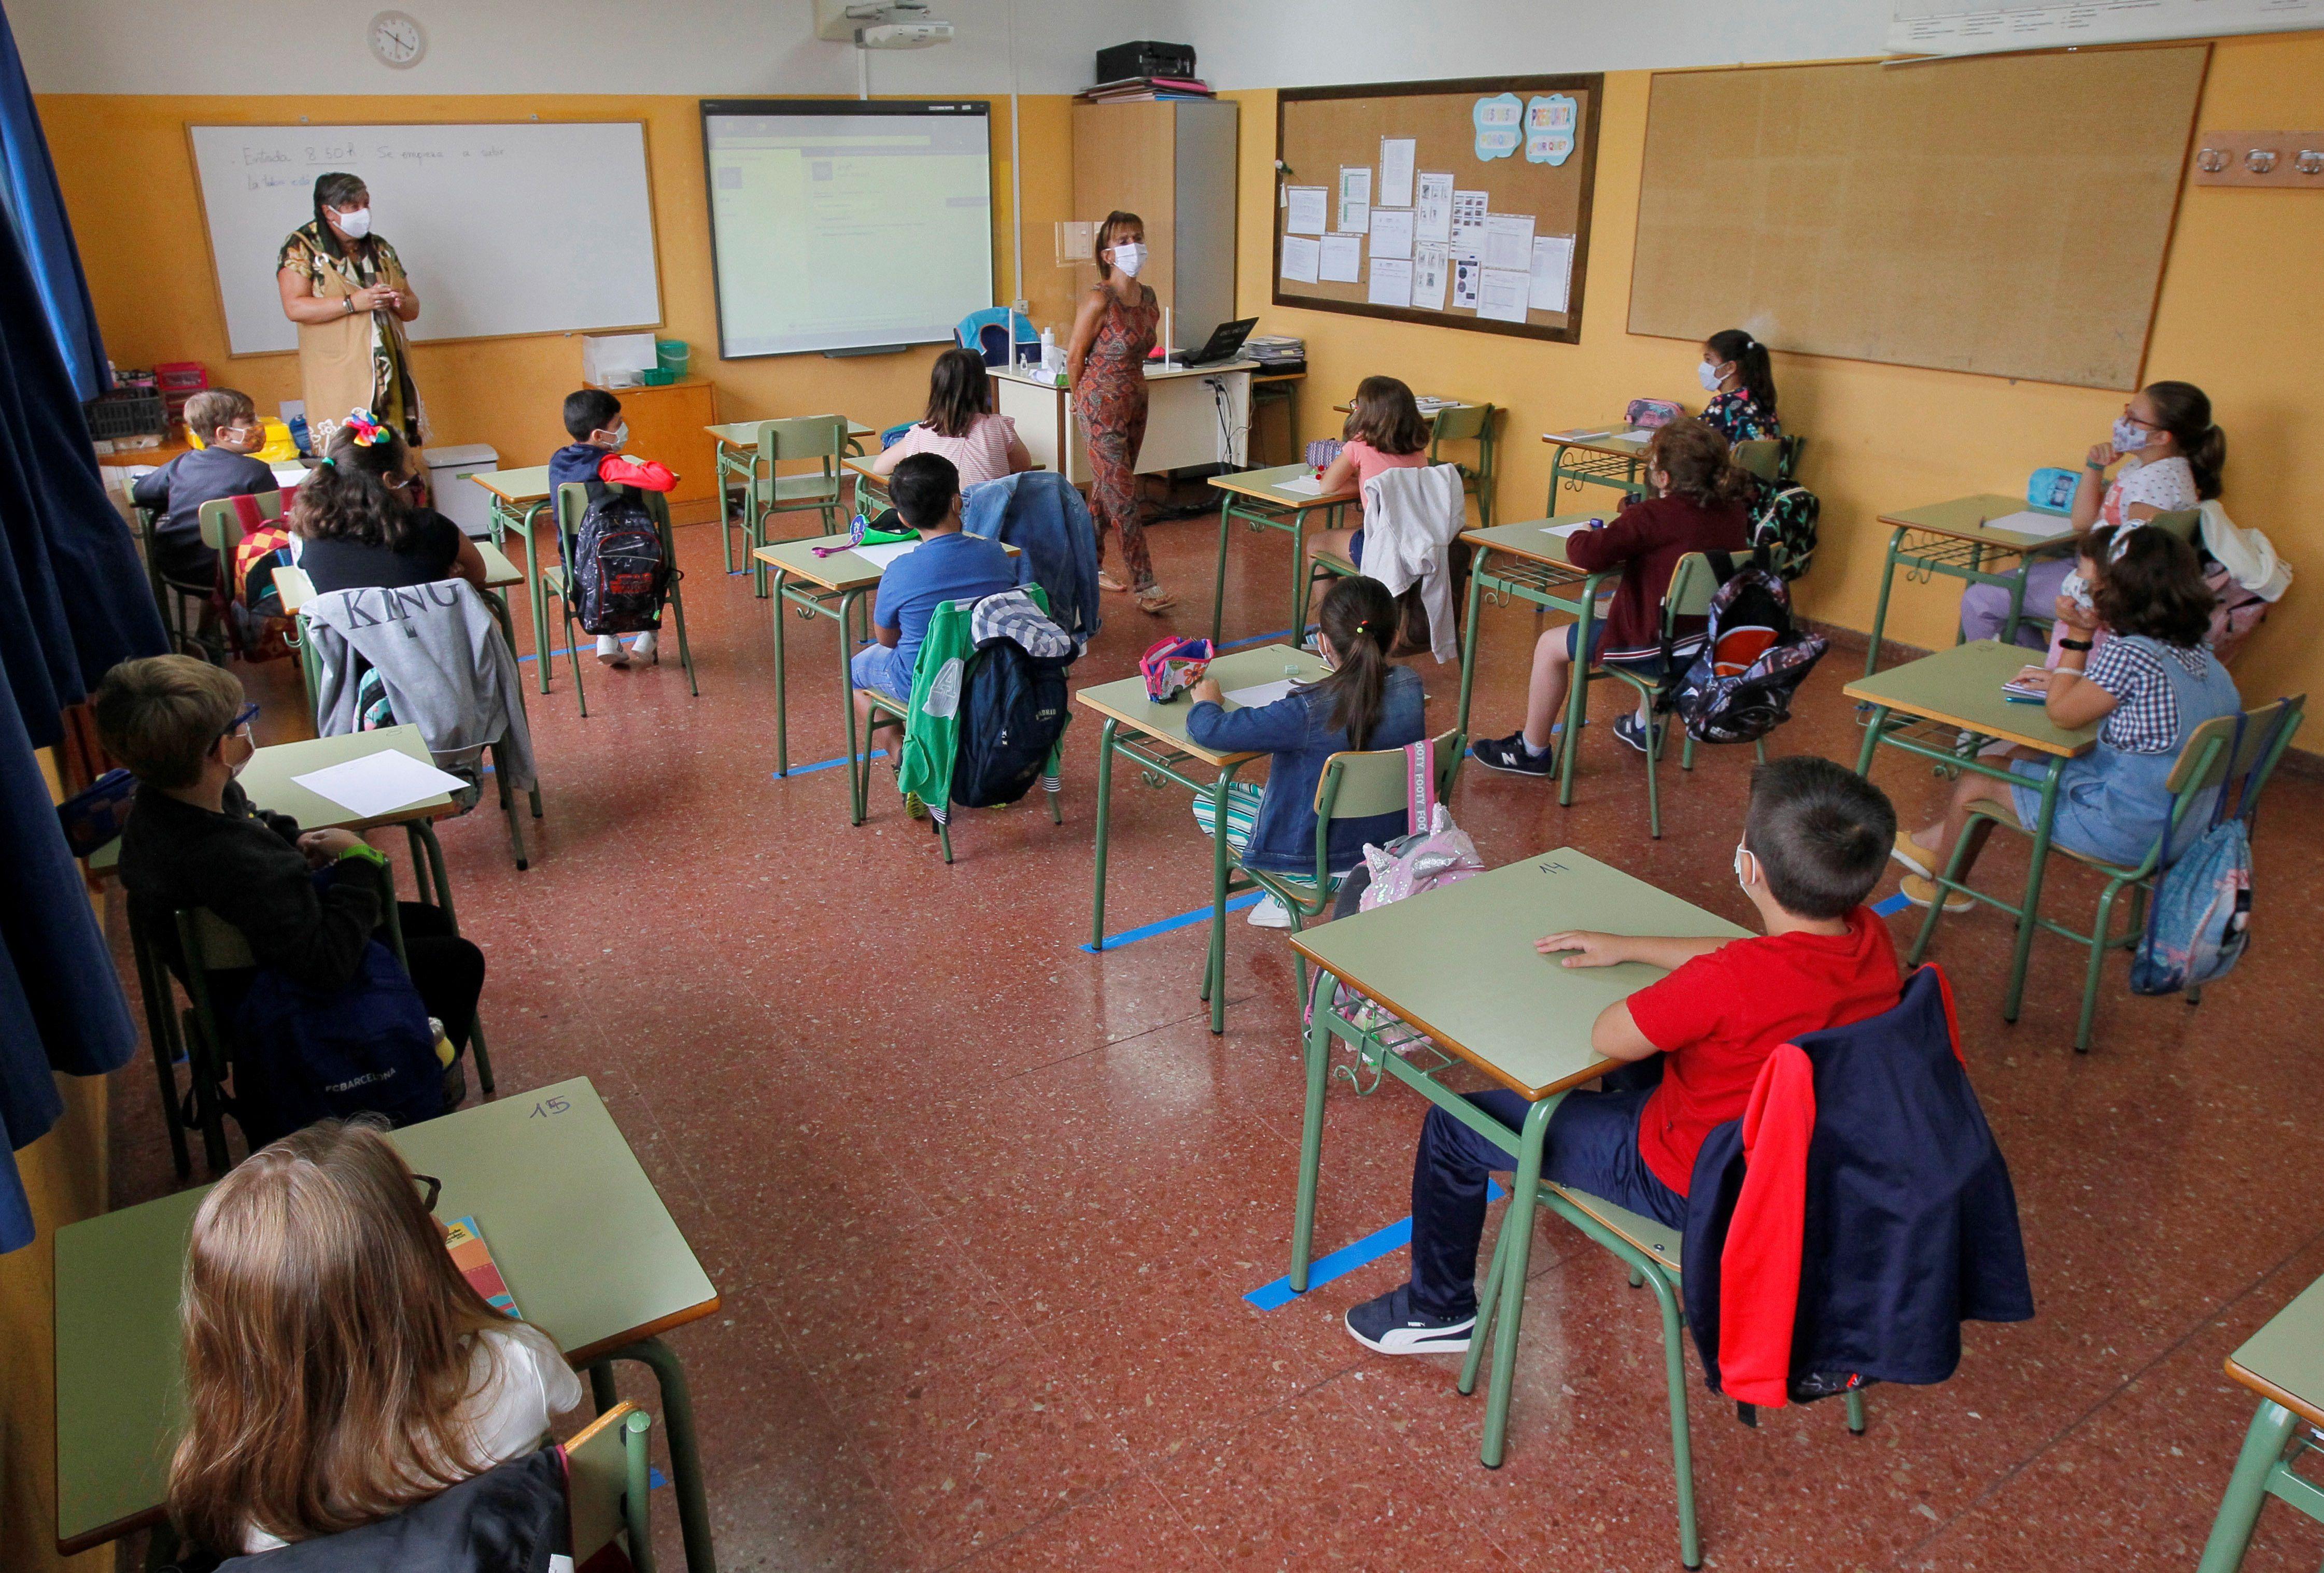 Los médicos constataron que la apertura de escuelas no supuso un riesgo mayor o más infecciones EFE/ Alberto Morante/Archivo